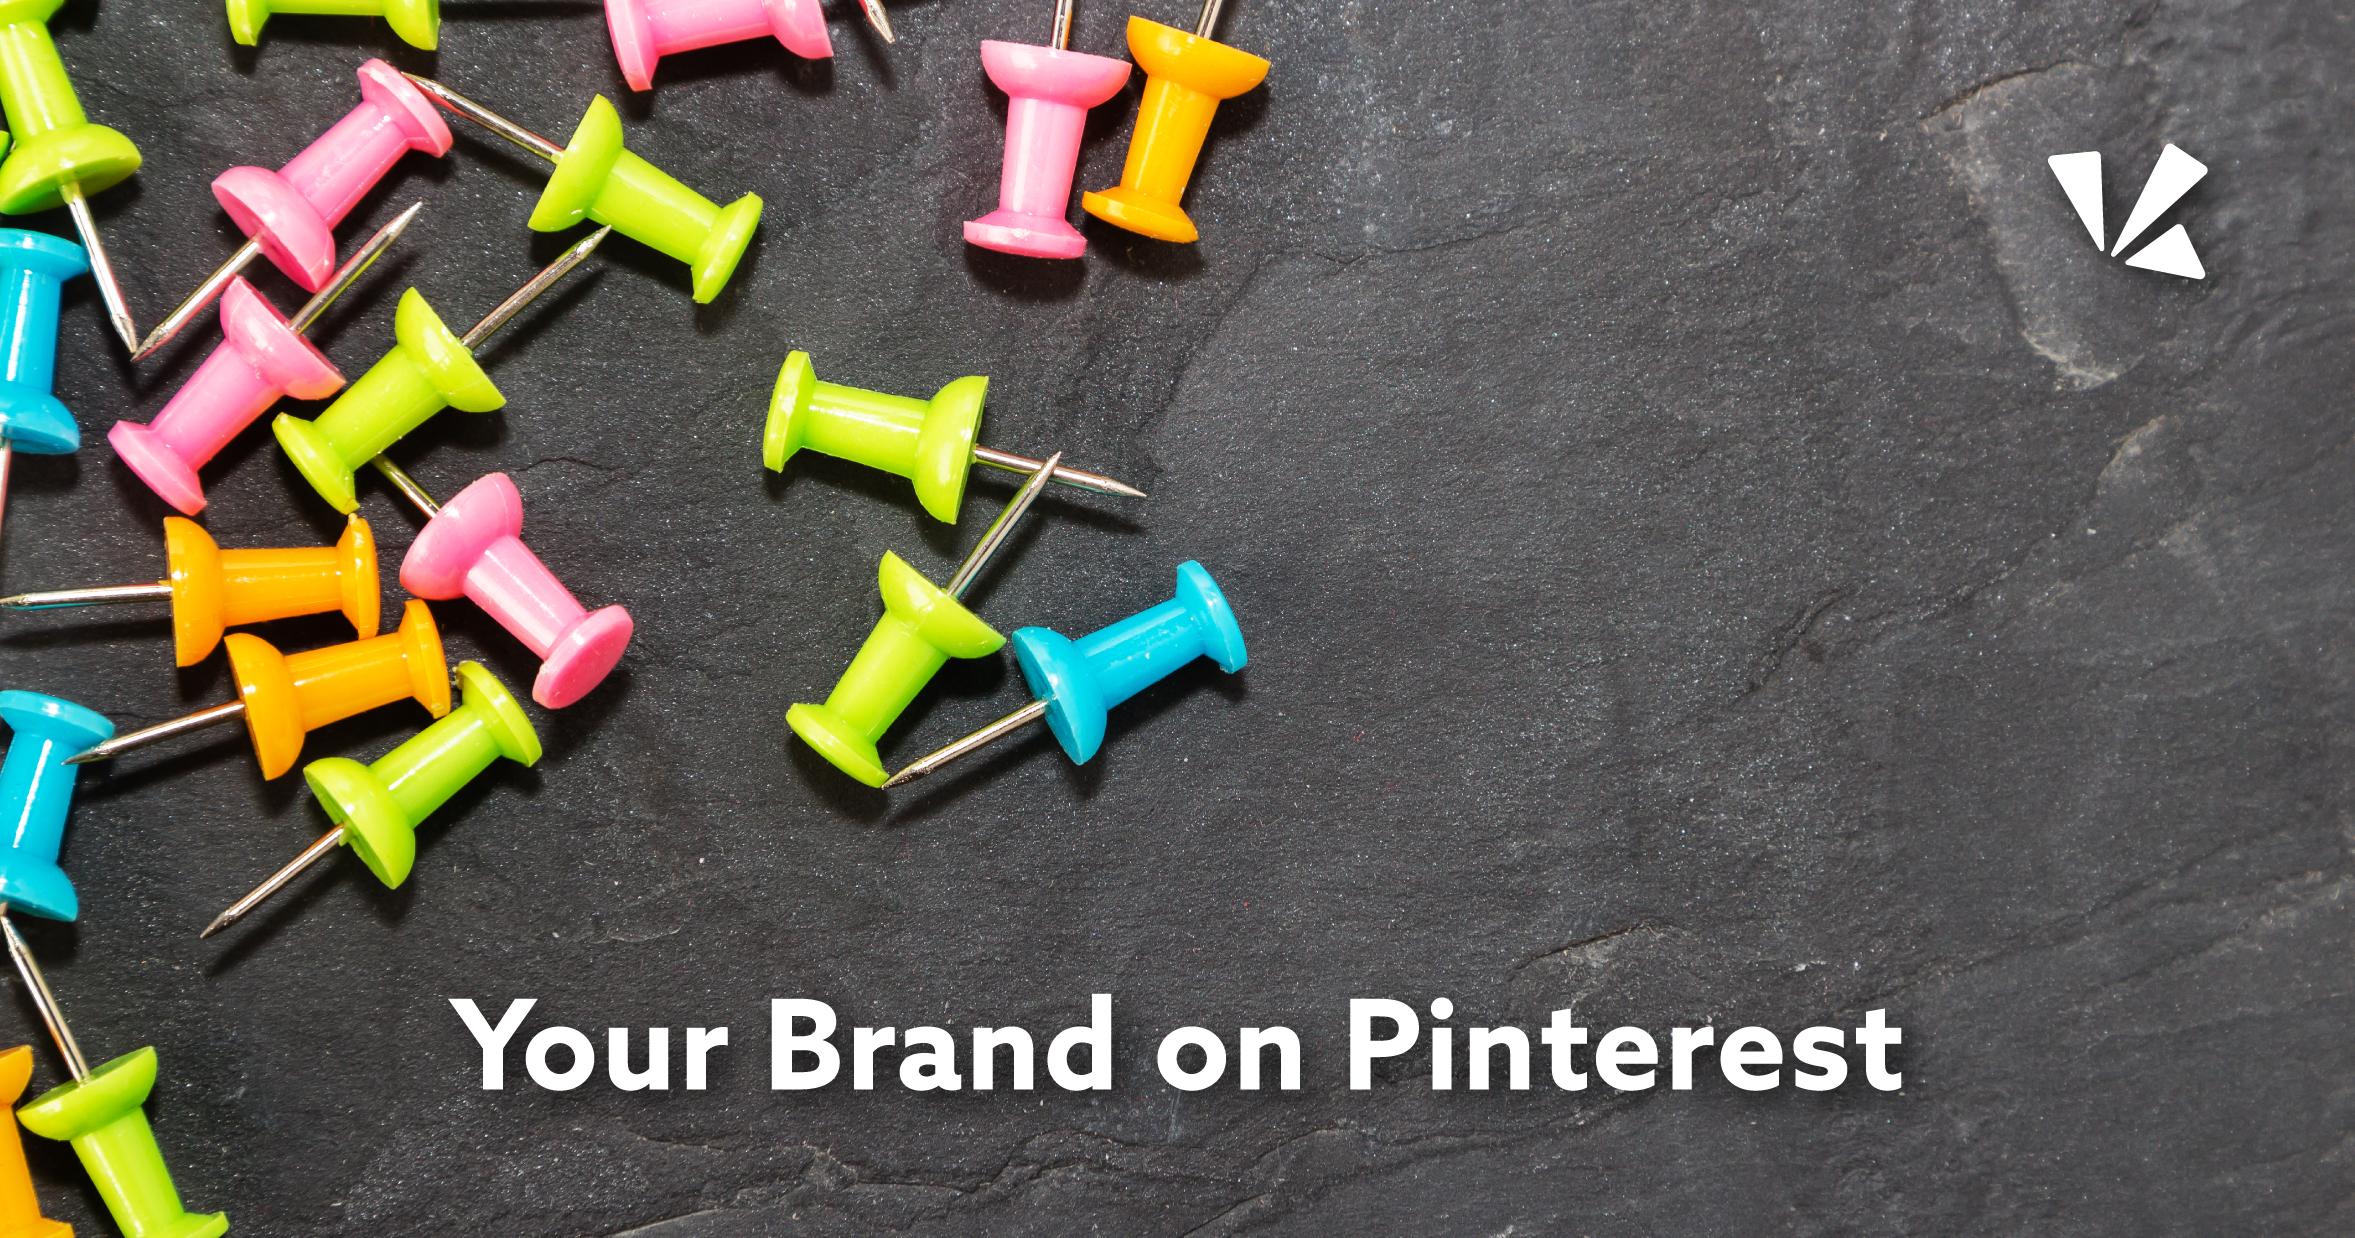 Your brand on Pinterest blog header